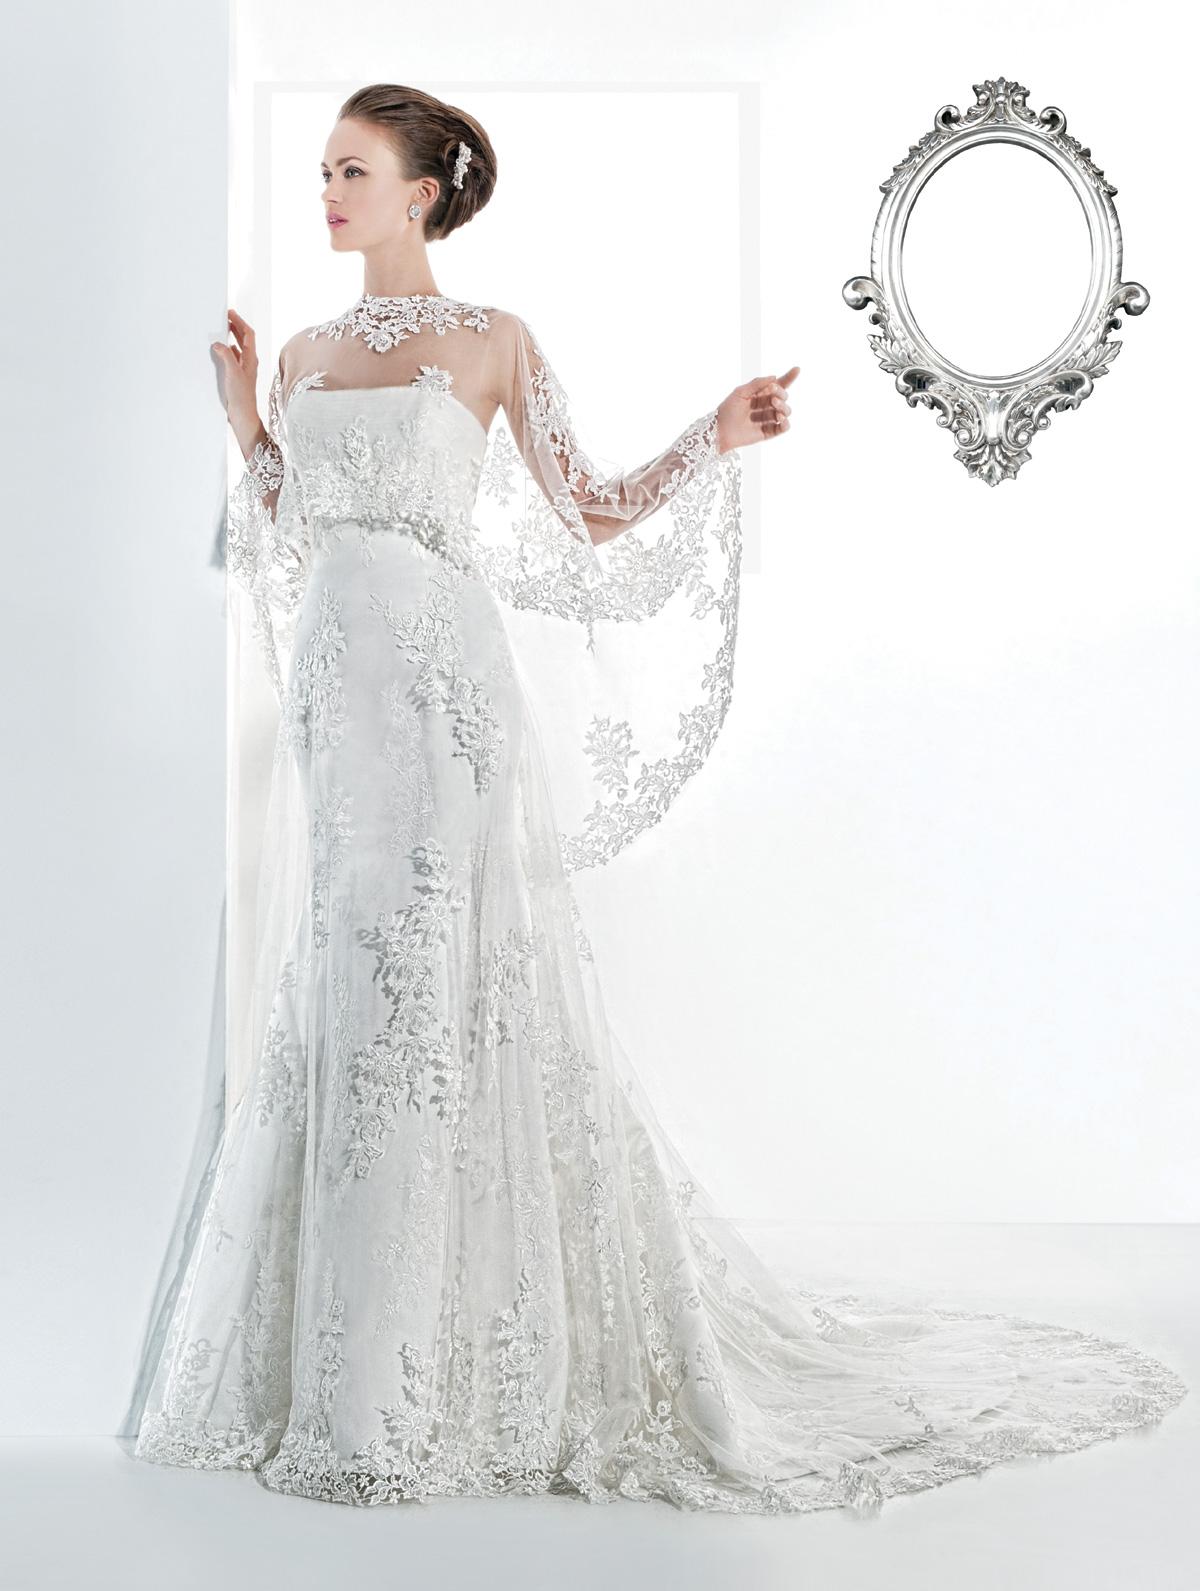 Vestido de Noiva tomara que caia, sereia em renda com leve cauda, pelerine média em renda.